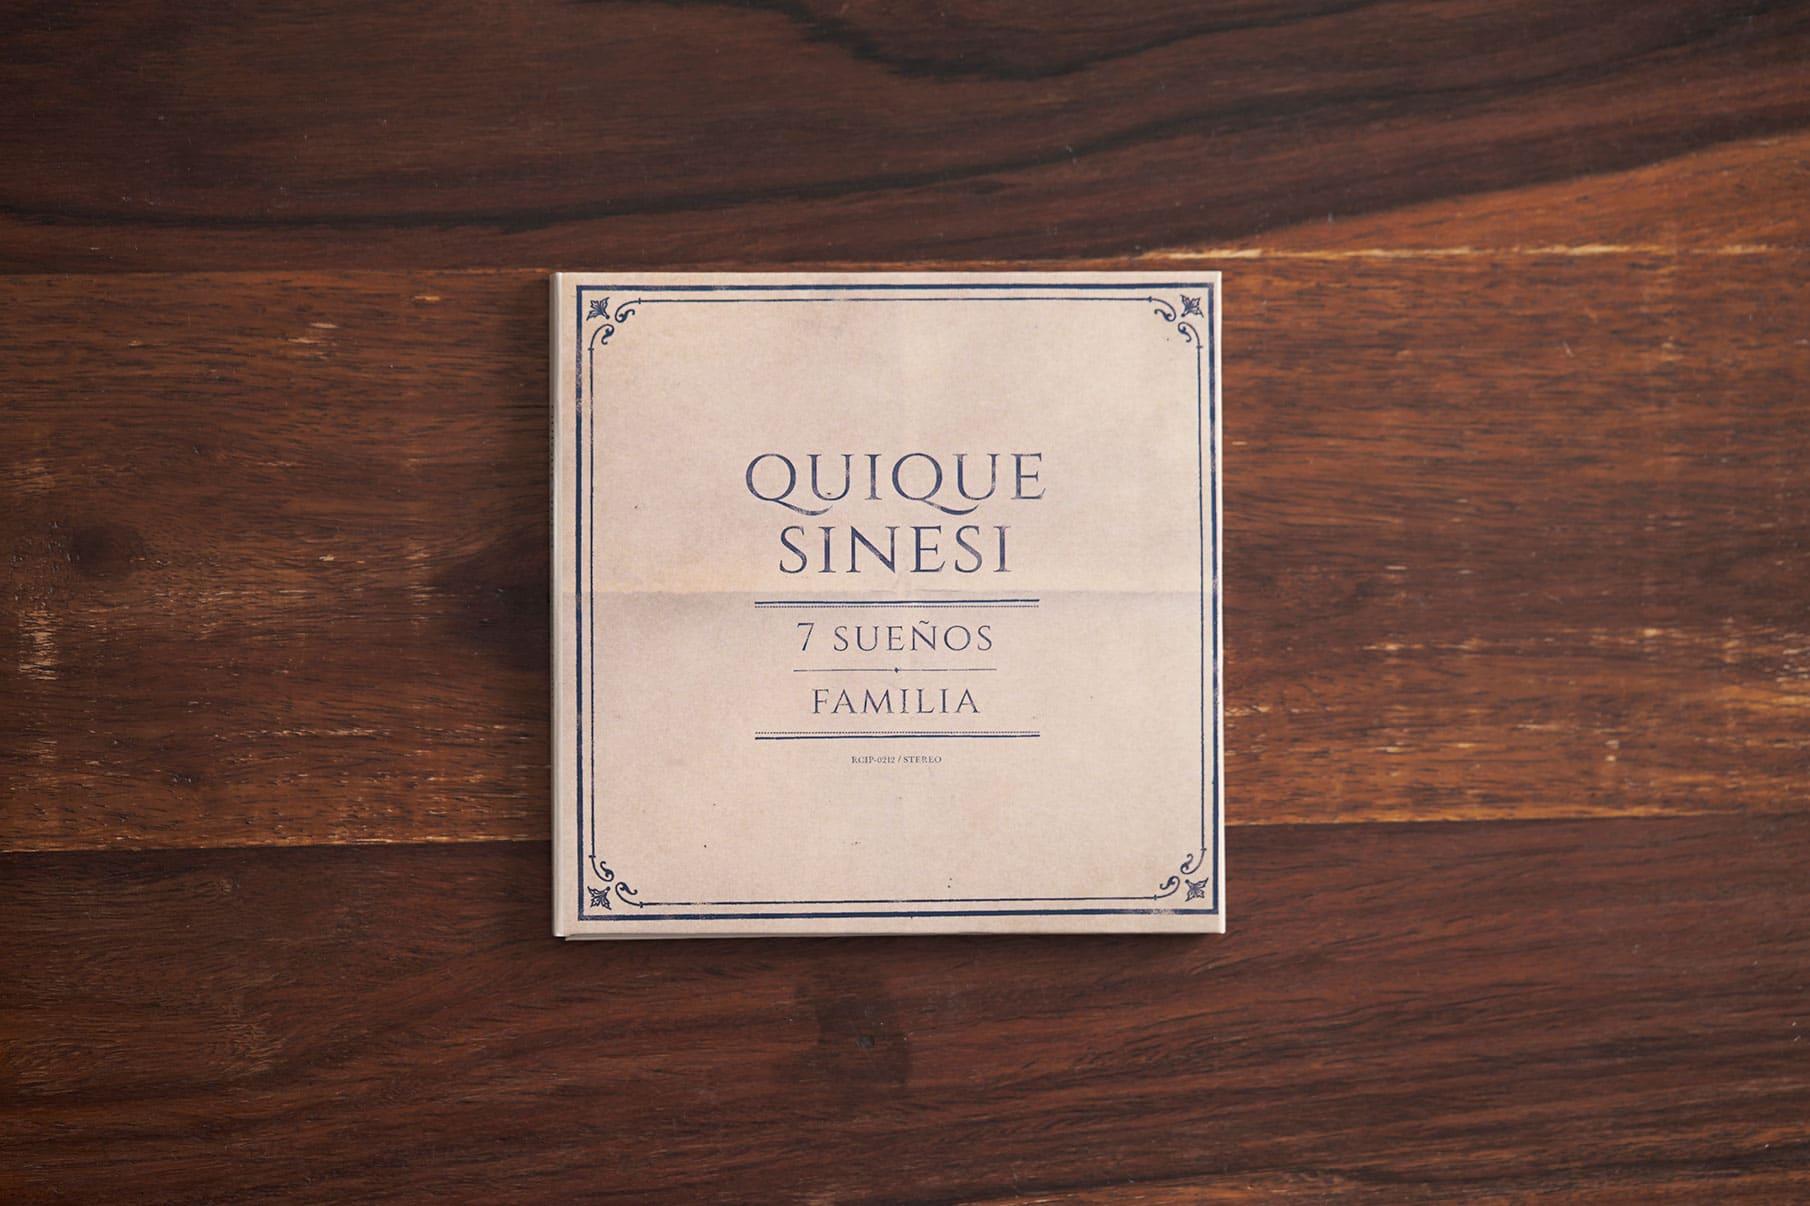 7 Suenos + Familia / Quique Sinesi - CD Cover 1